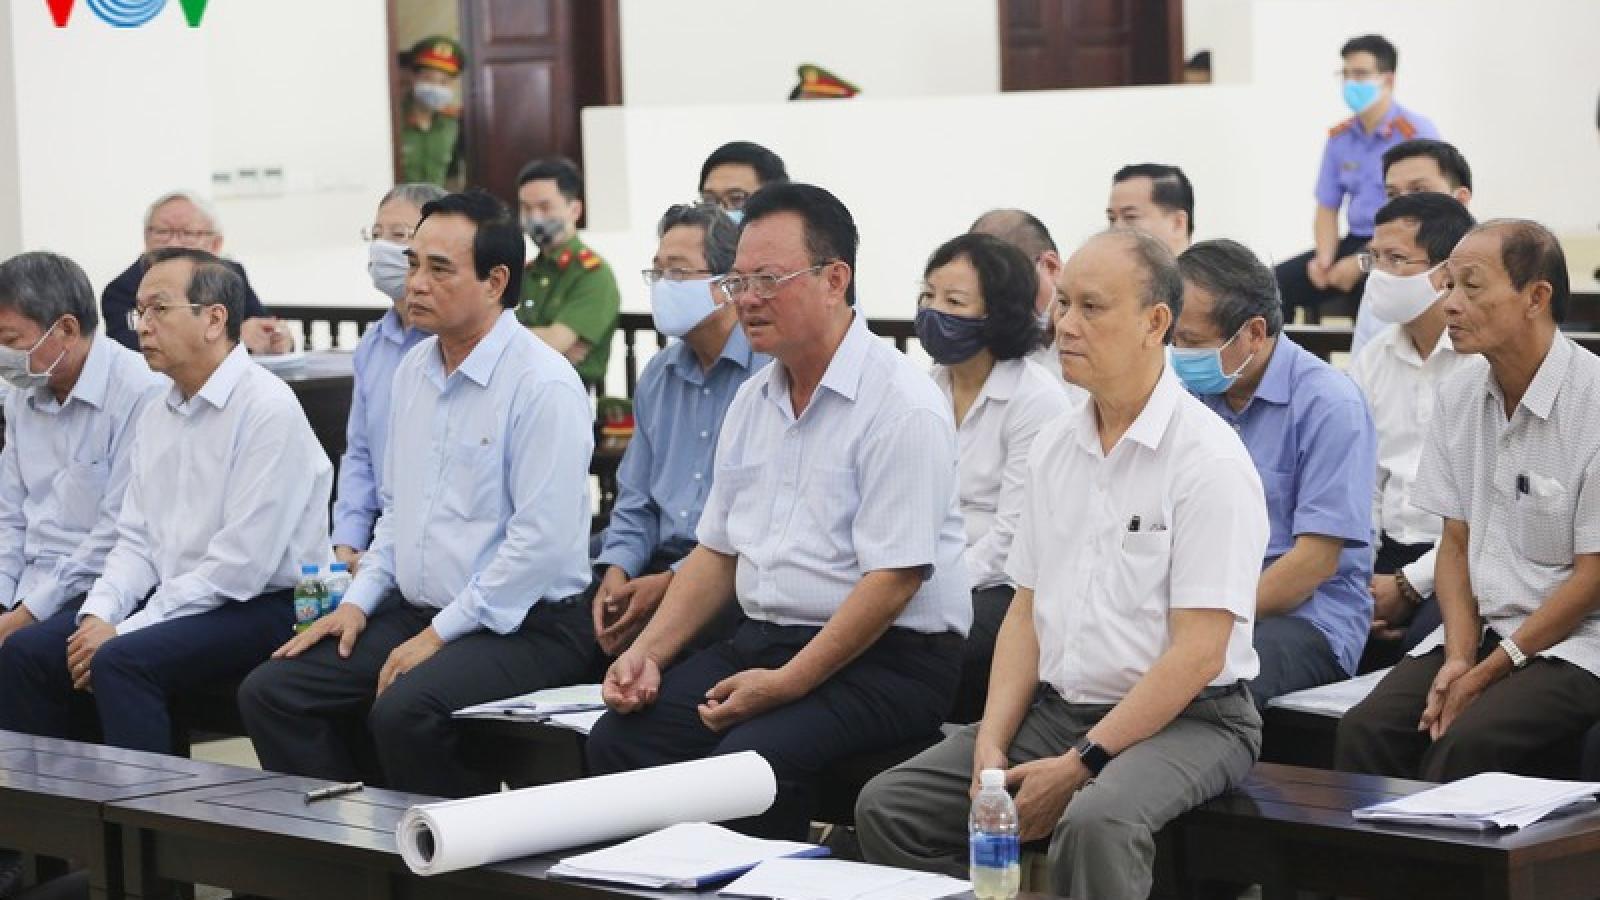 """Phan Văn Anh Vũ nói """"không phạm tội"""", cựu Chủ tịch Đà Nẵng kêu oan Thể hiện"""